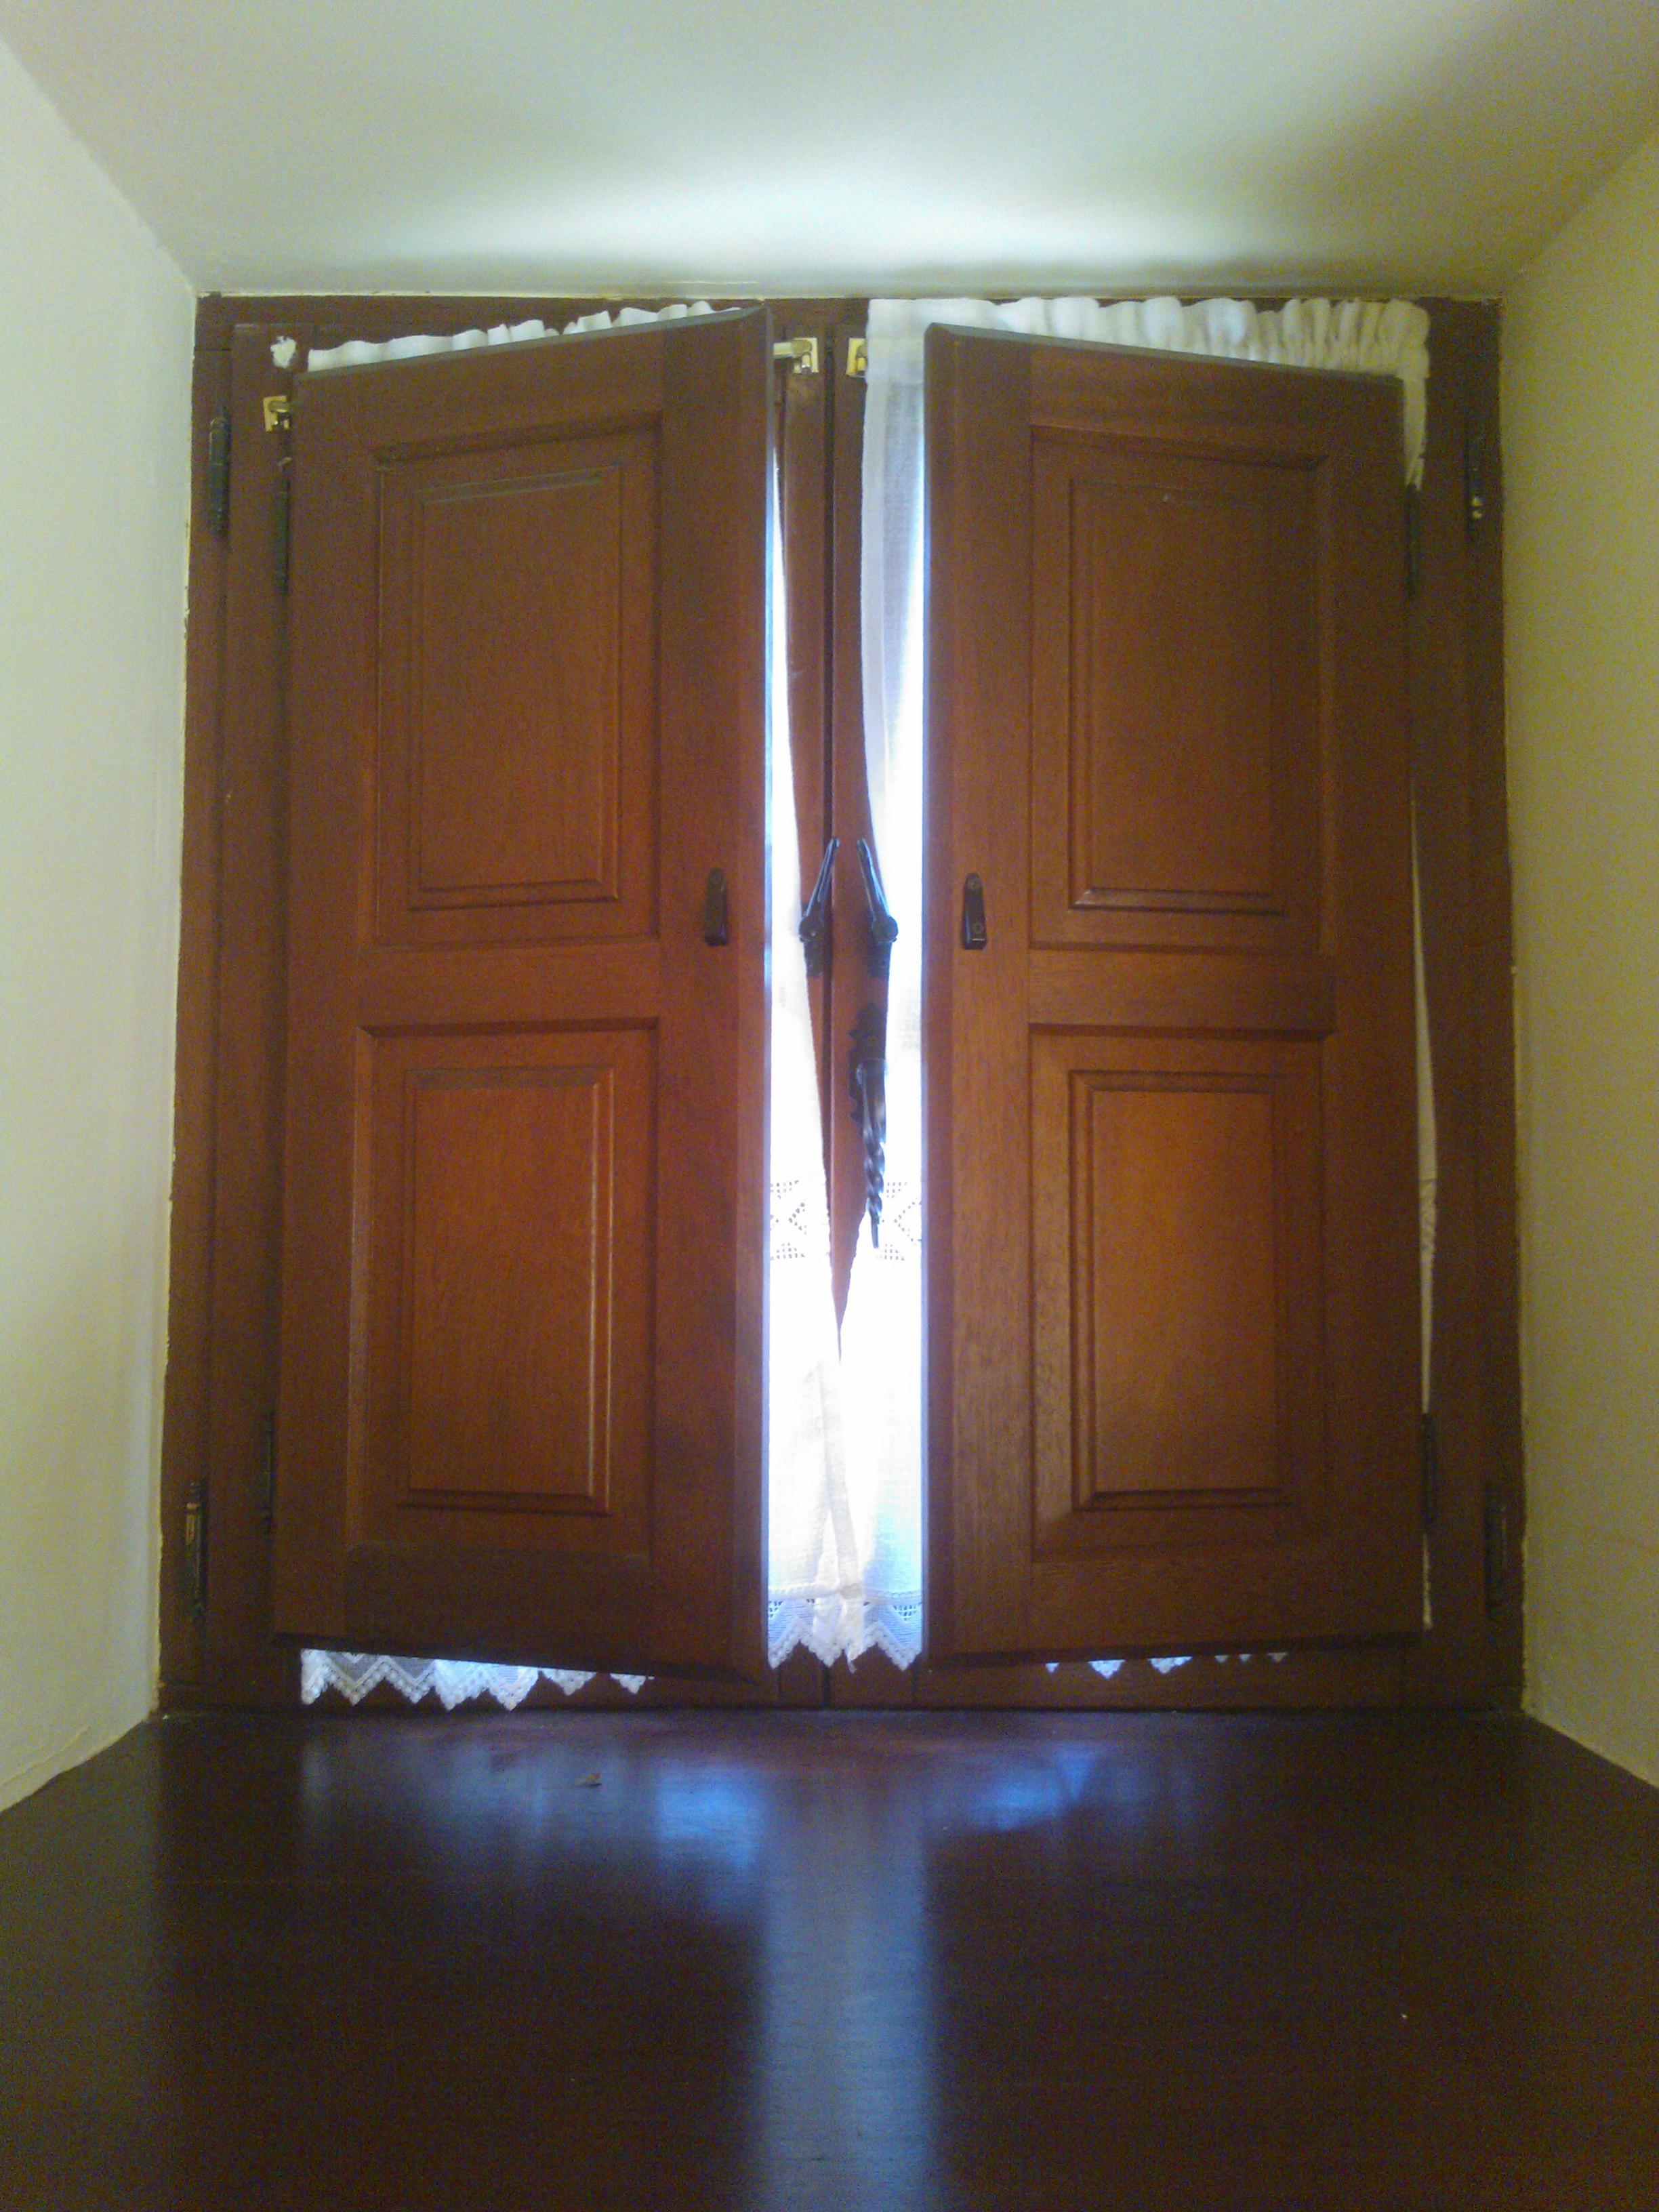 Carpinteria muebles a medida armario empotrado escalera for Puertas de cocina baratas